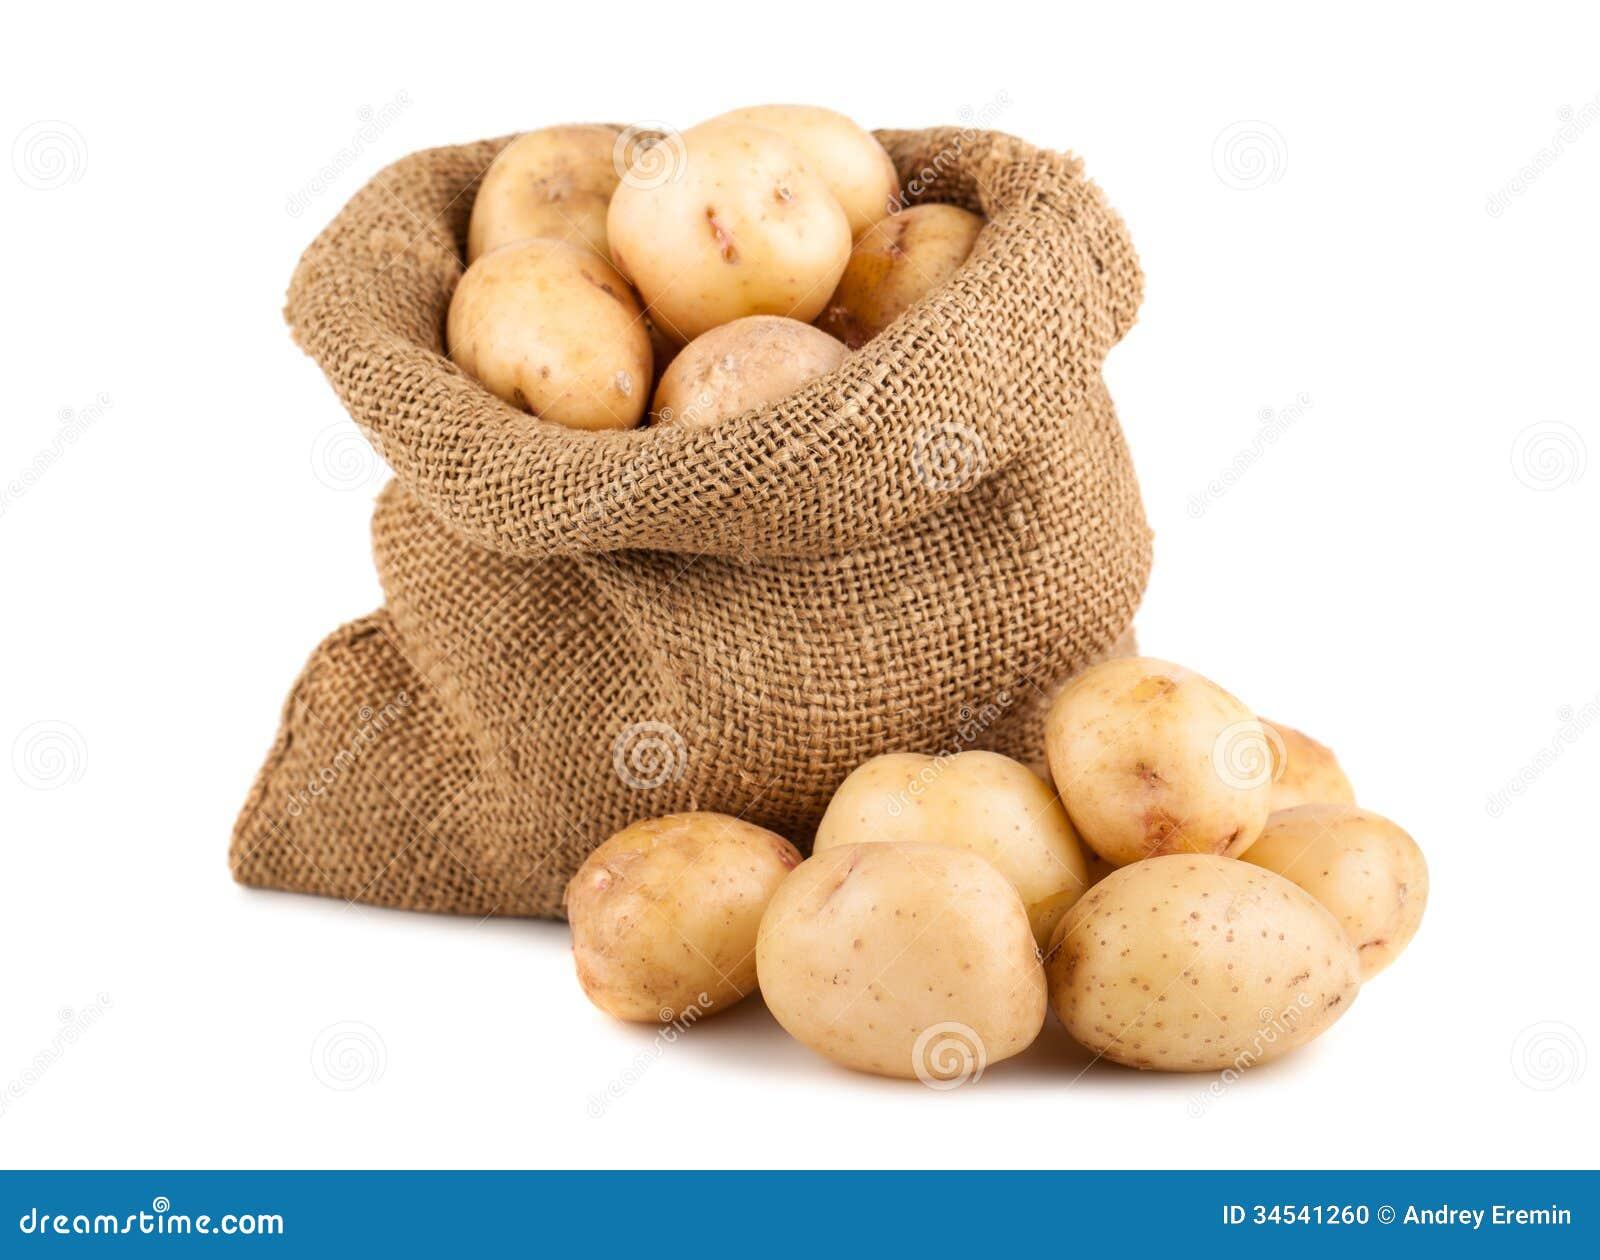 kartoffeln im sack stockfoto bild 34541260